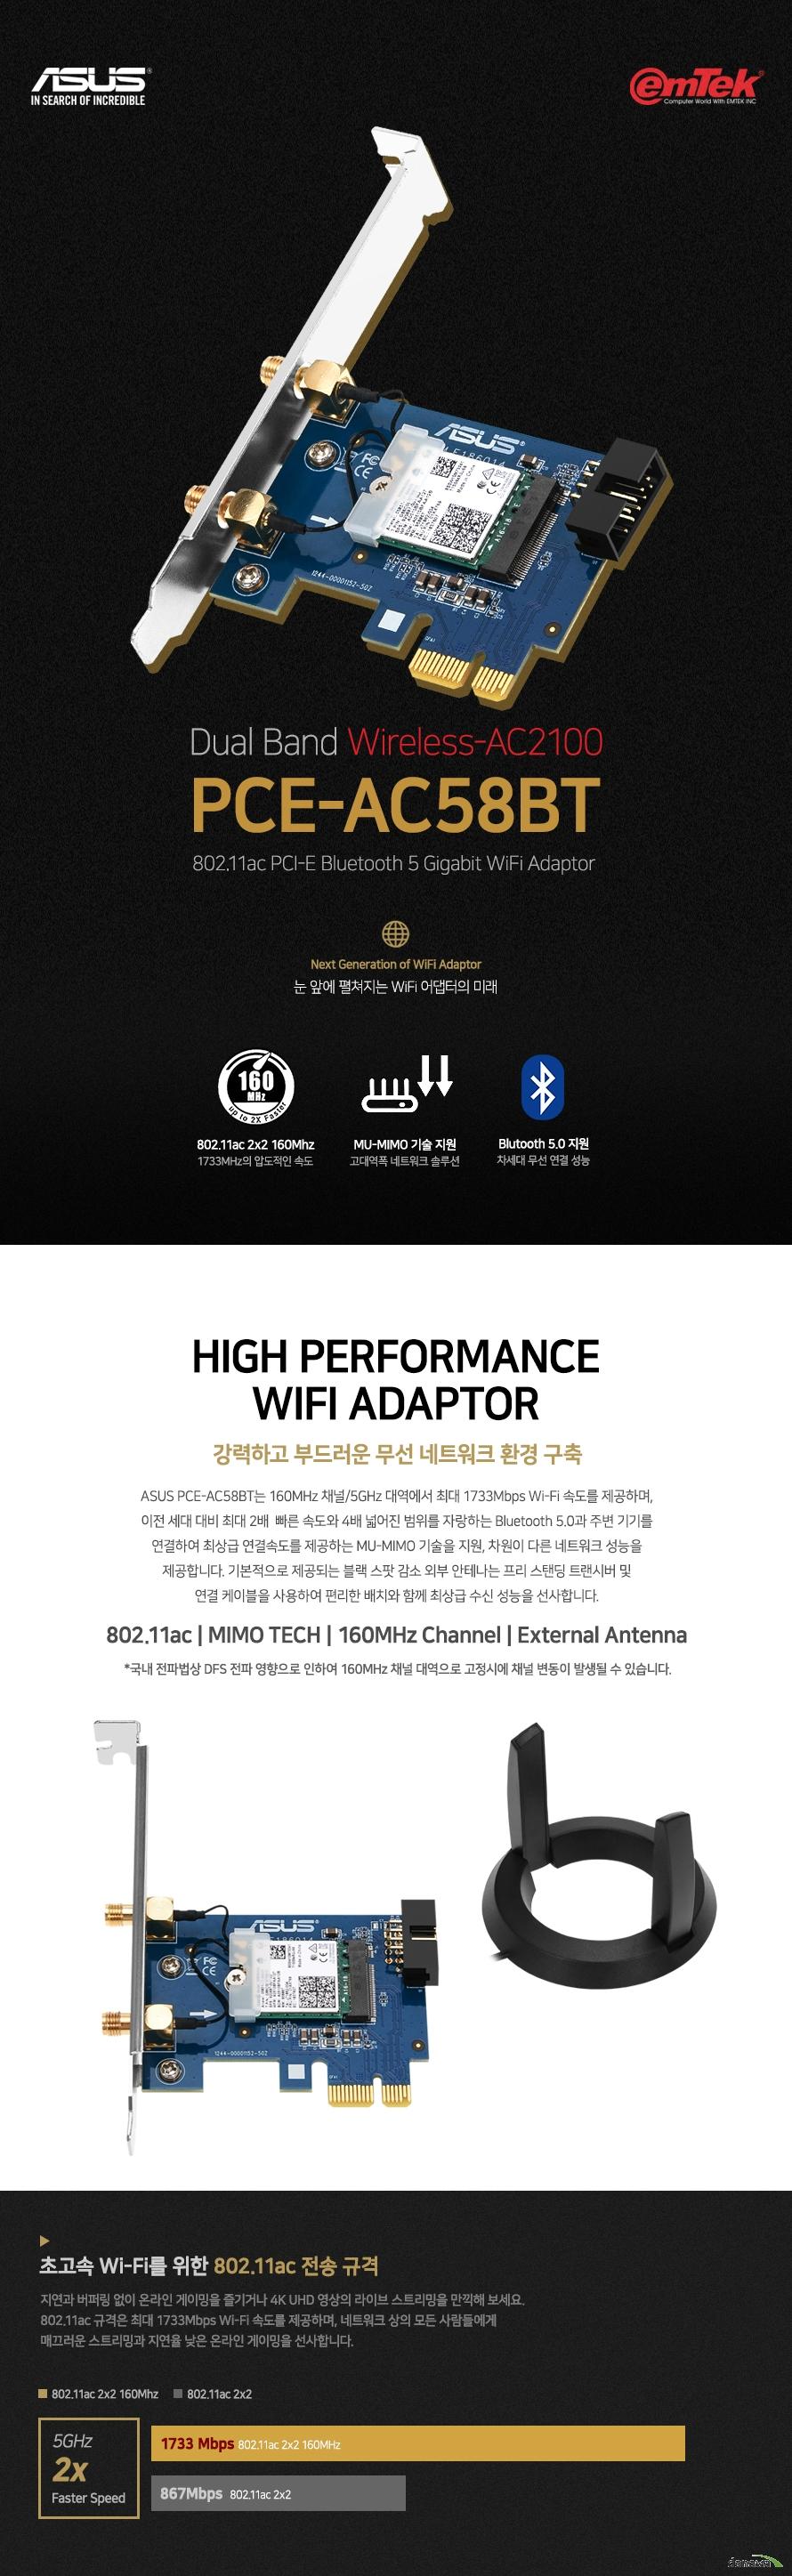 ASUS PCE-AC58BT  제품 상세 정보  네트워크 표준 IEEE 802.11A B G N AC지원  블루투스 5.0 지원 PCI 익스프레스 인터페이스 지원  데이터 레이트 802.11a 6 9 12 18 24 36 48 54 Mbps 802.11b 1 2 5.5 11 Mbps 802.11g 6 9 12 18 24 36 48 54 Mbps 802.11n up to 300Mbps 802.11ac up to 1733Mbps  외부 안테나 기본 제공 MU MIMO 기술 지원 동작 주파수  2.4 및 5 Ghz  윈도우10 8 7 및 MAC OS X 10.6 10.7 10.8 지원 KC 인증 R R MSQ PCE AC58BT